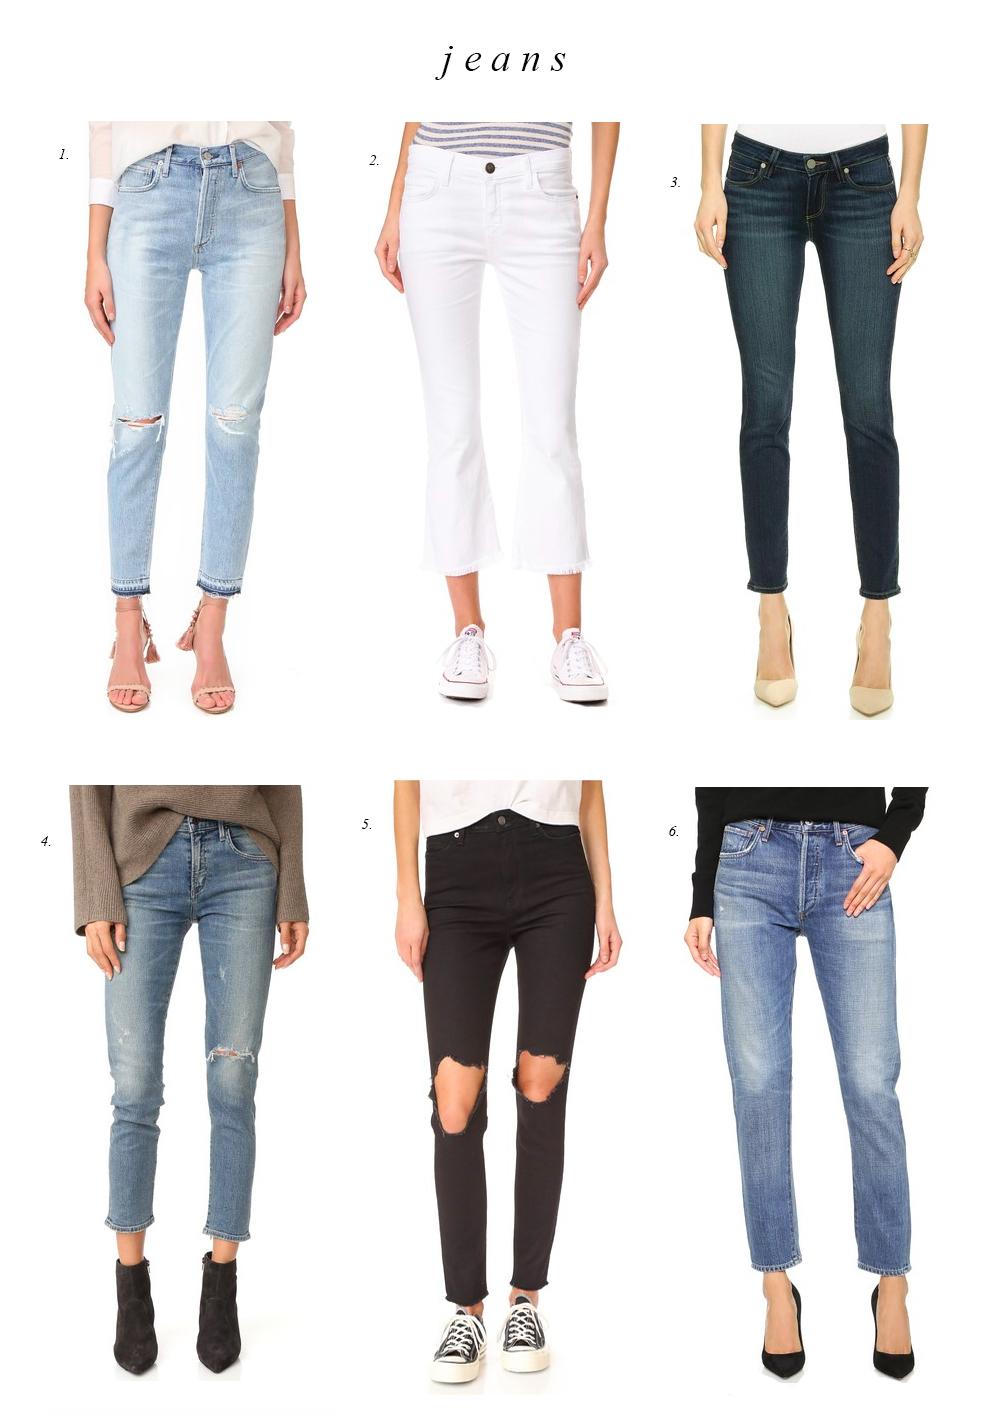 jeans-shopbop